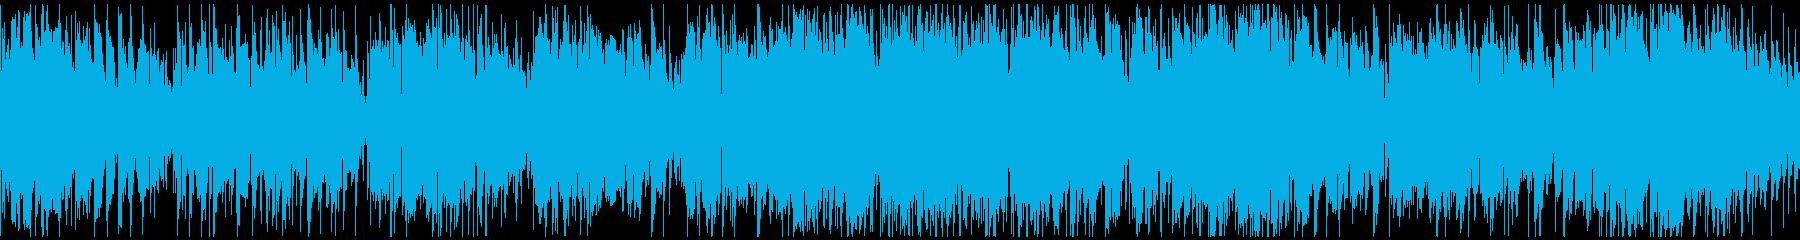 軽快なジャズワルツ ※ループ仕様版の再生済みの波形